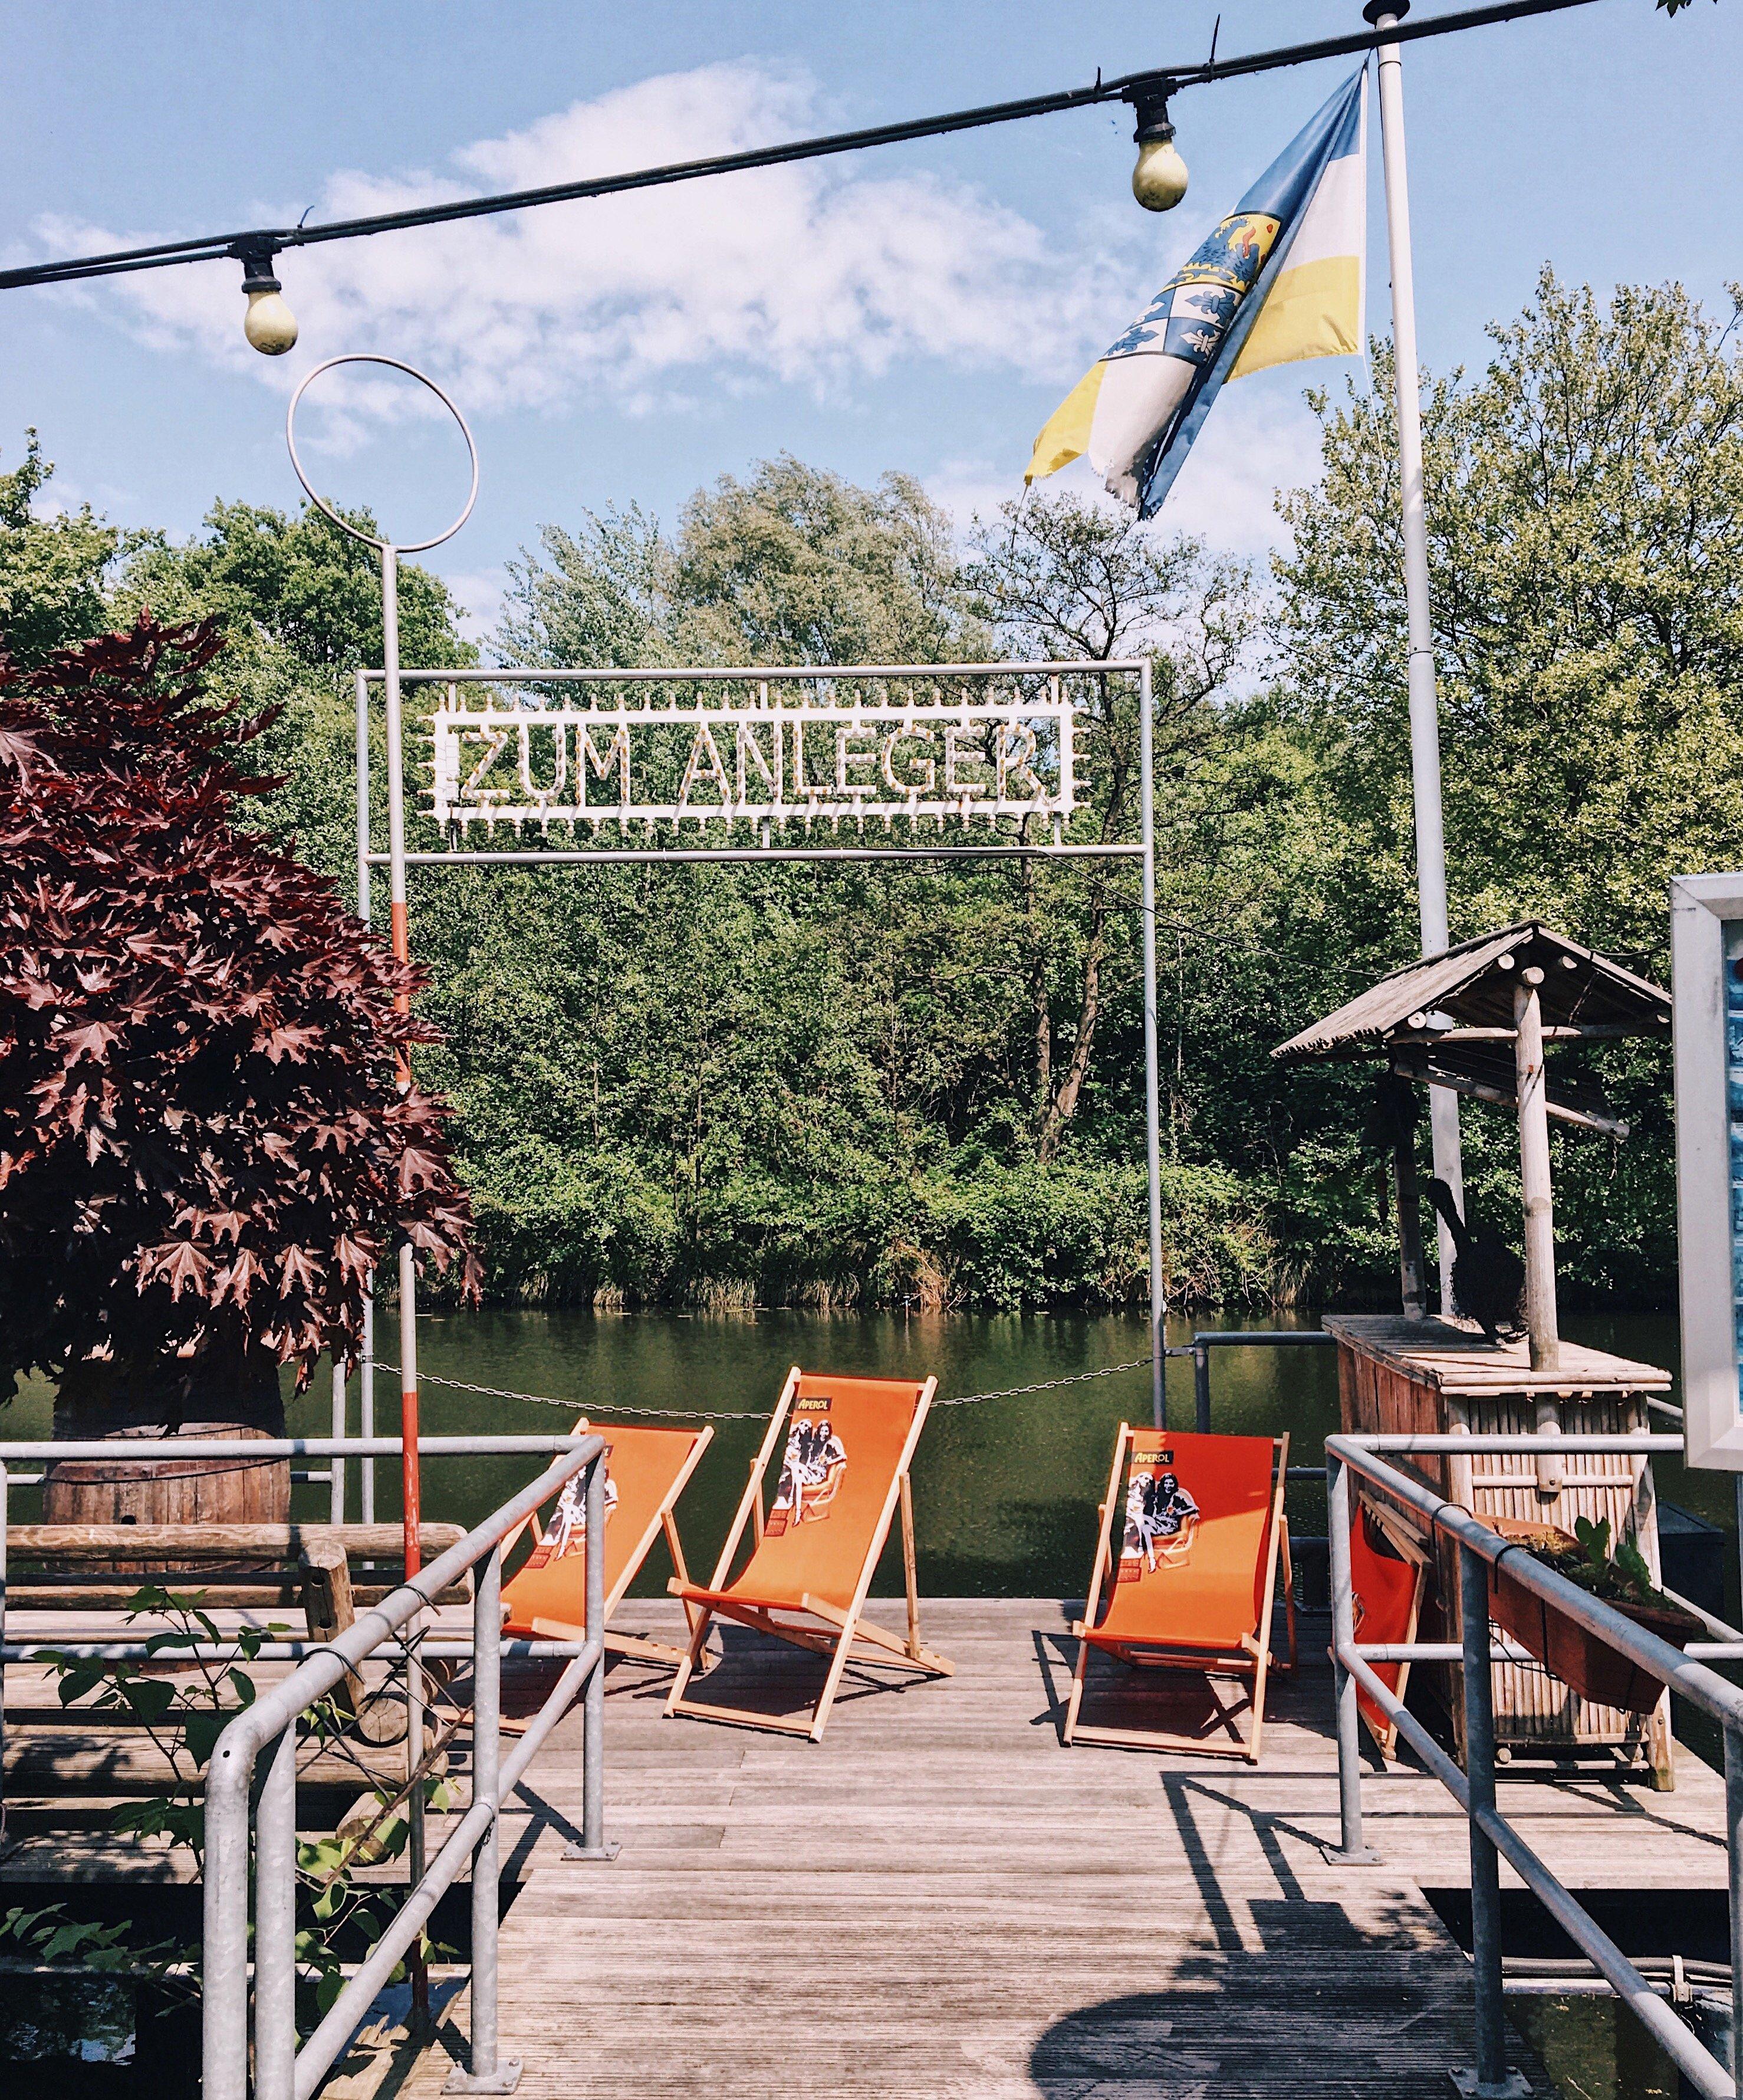 Staycation Hamburg: Zum Anleger, Wilhelmsburg - wo Frau Elbville Urlaub macht